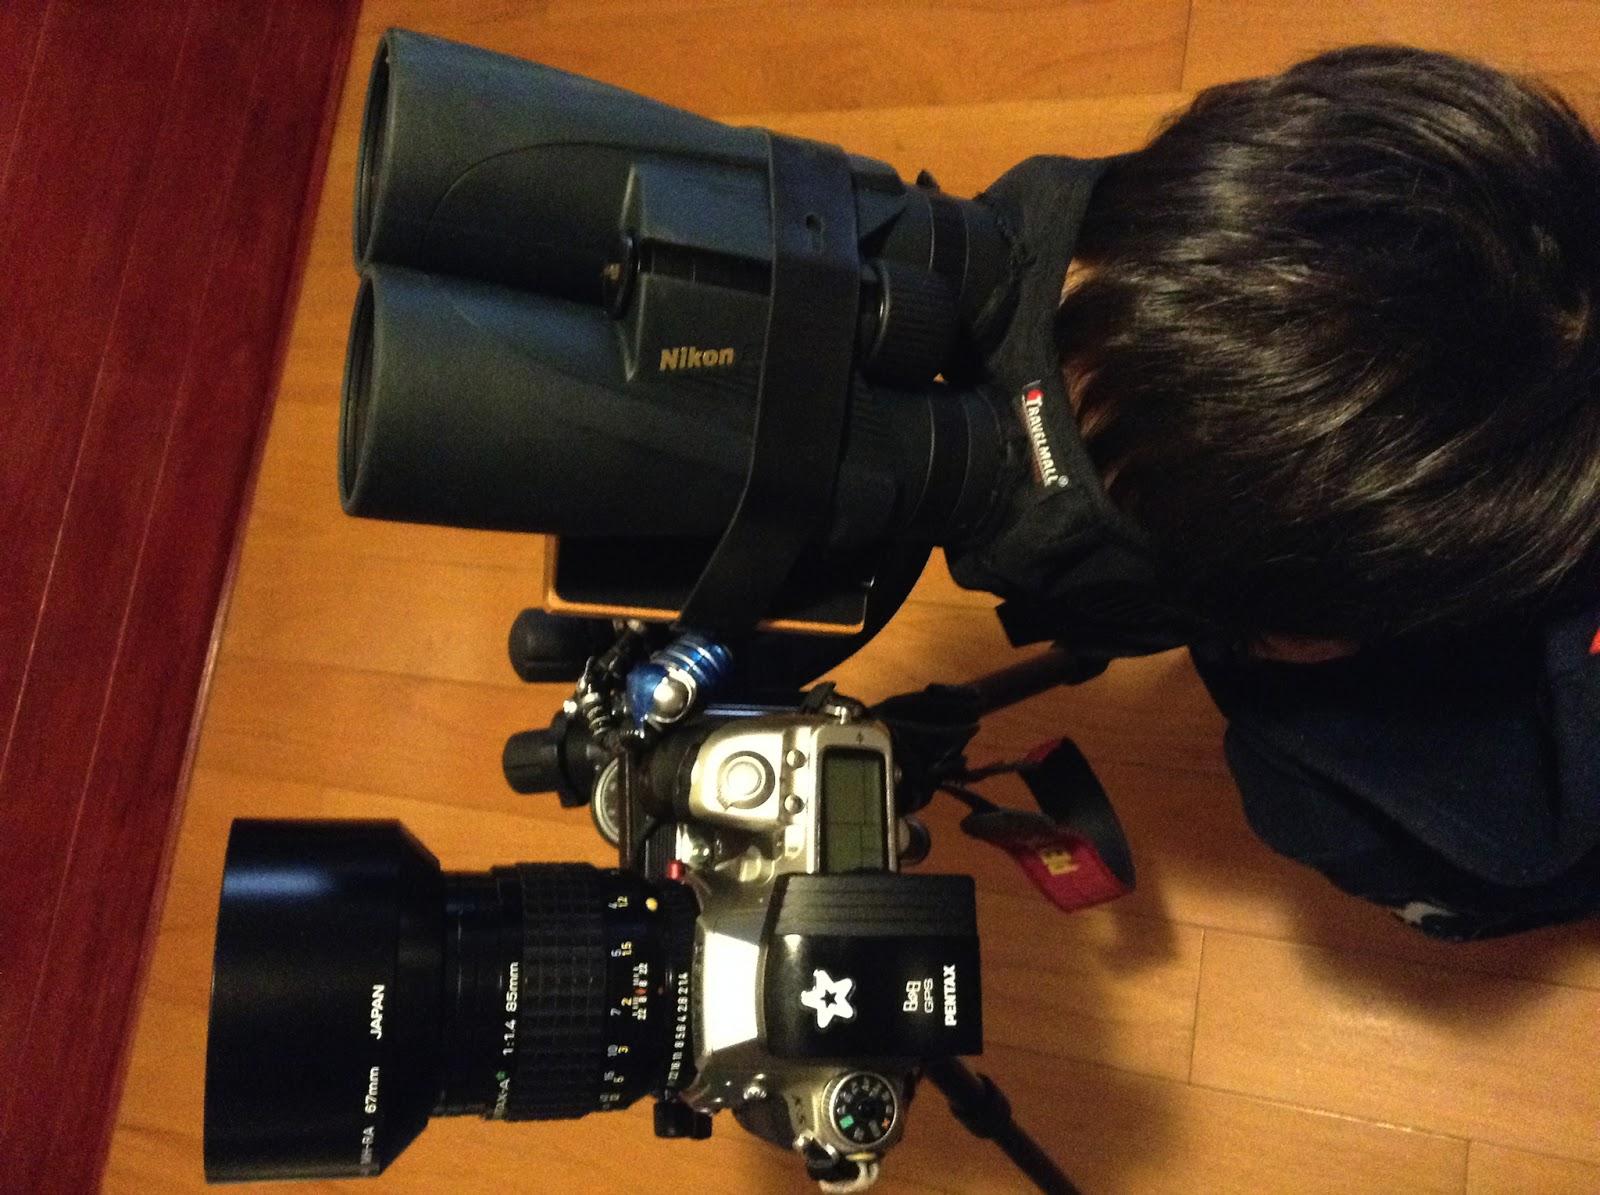 為雙筒望遠鏡加上遮光眼罩